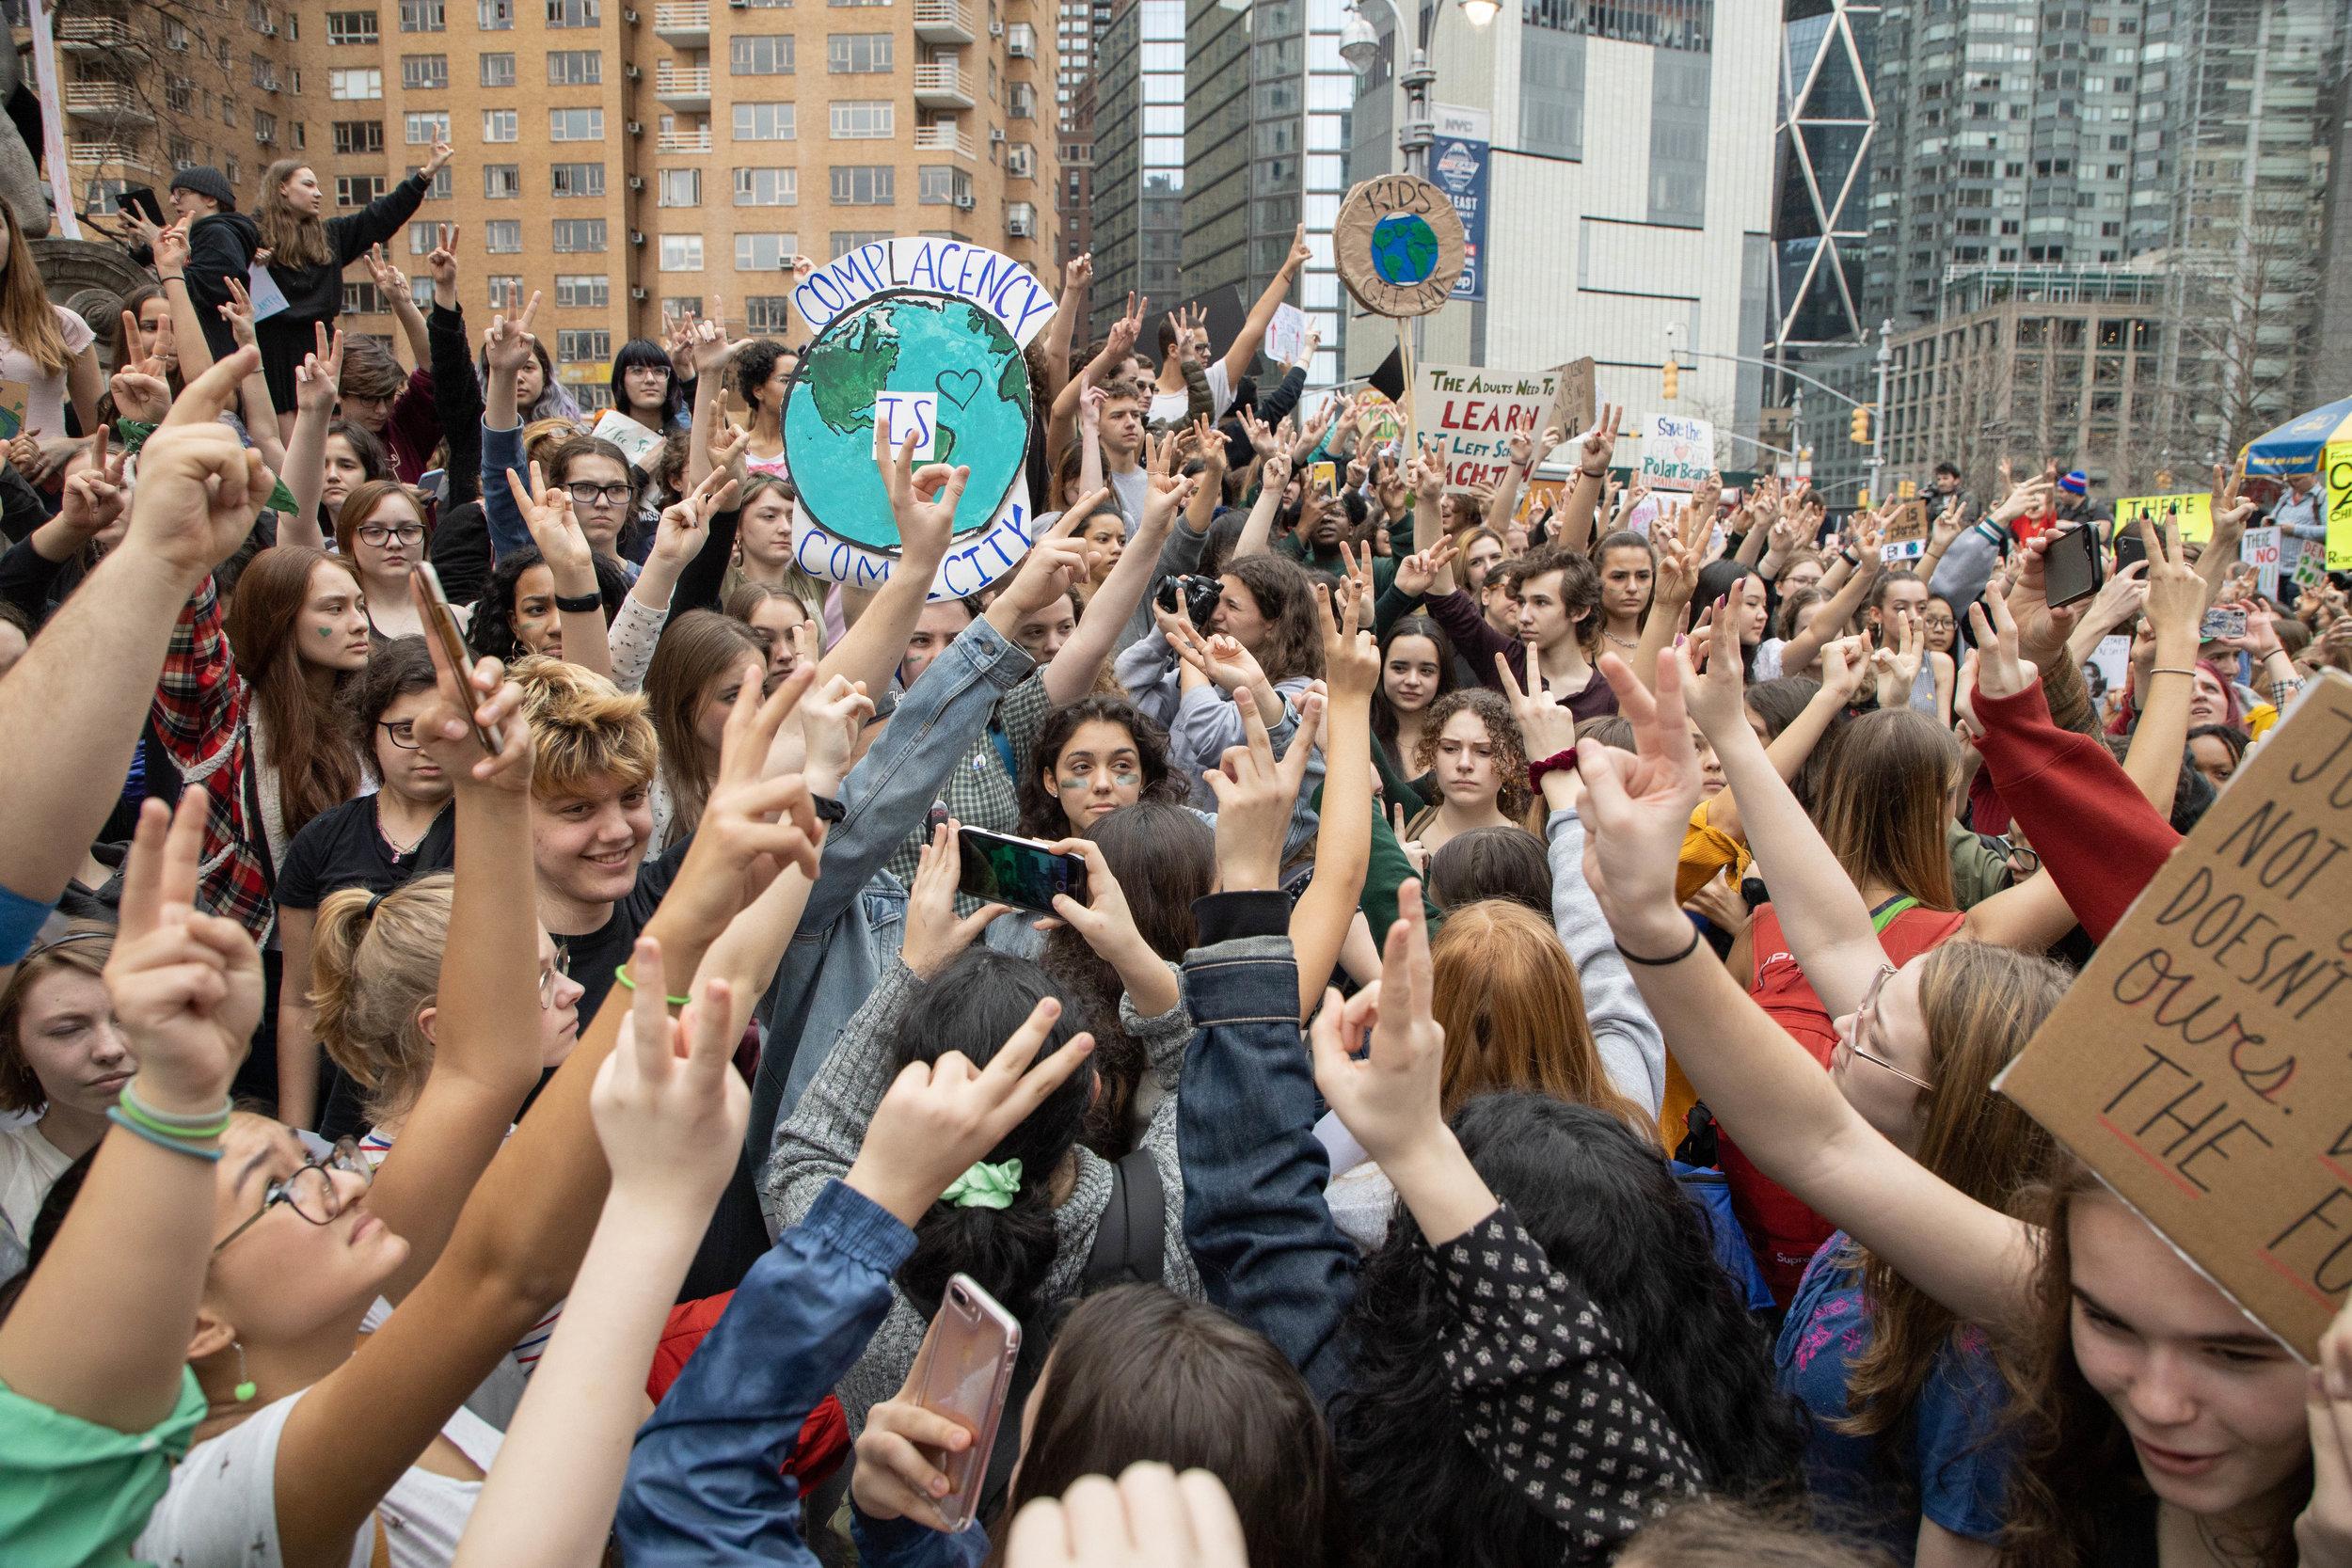 3.15.19_YouthClimateStrike_NYC_ColumbusCircle-52.jpg